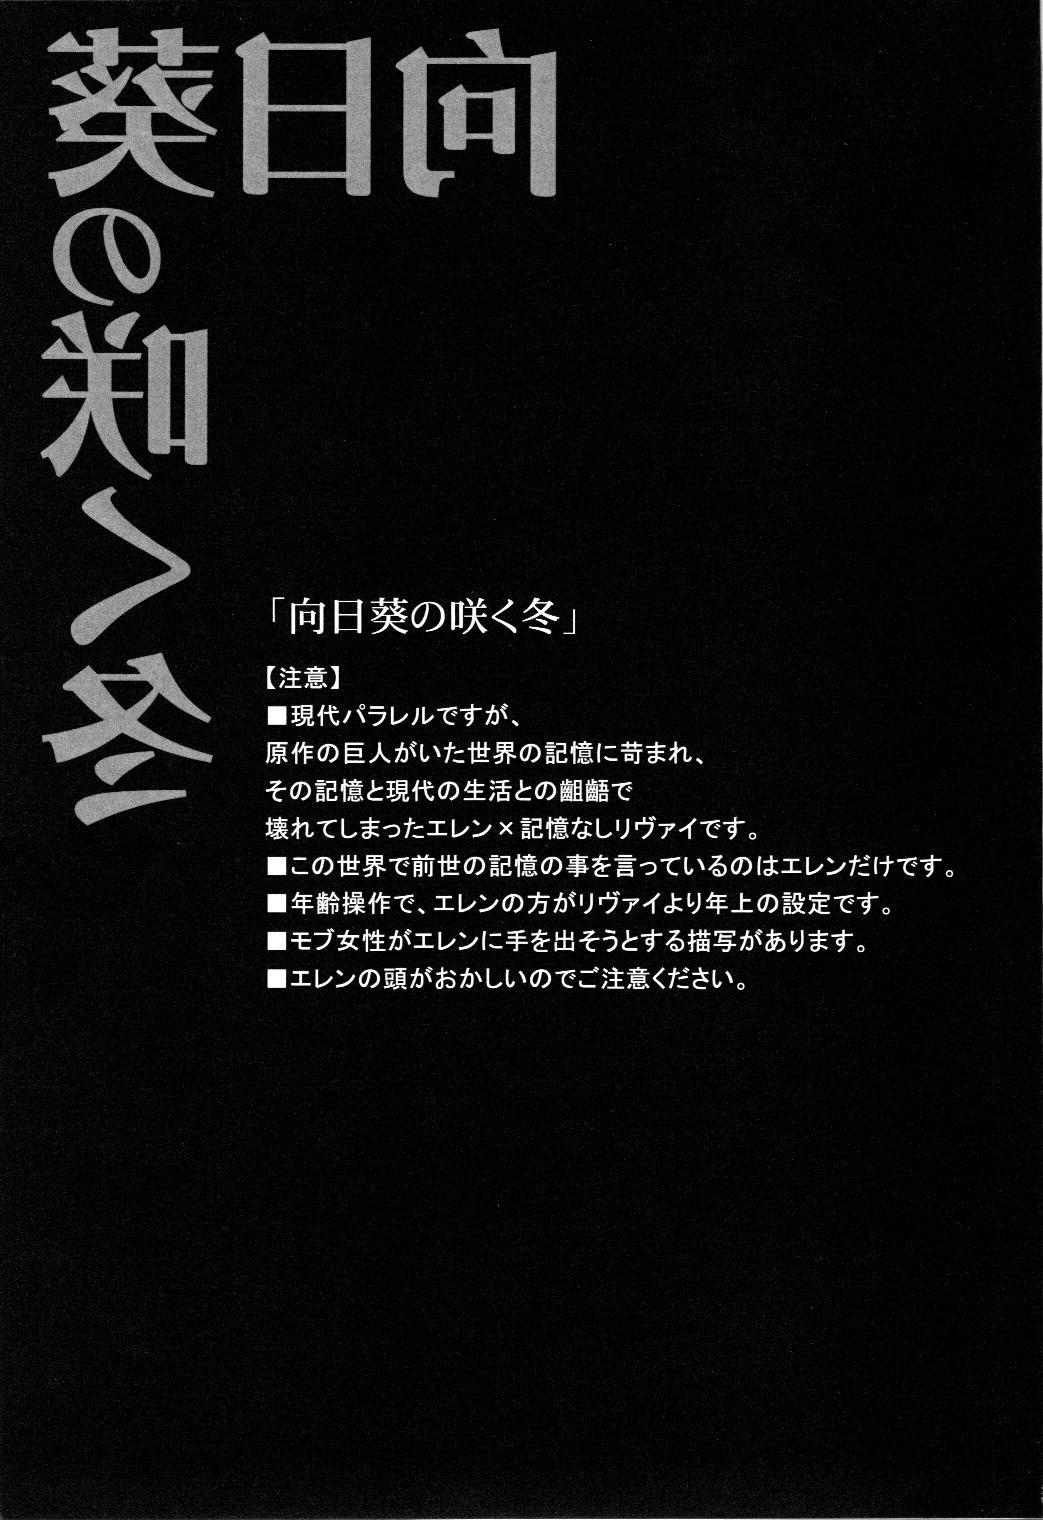 Himawari no Saku Fuyu 2